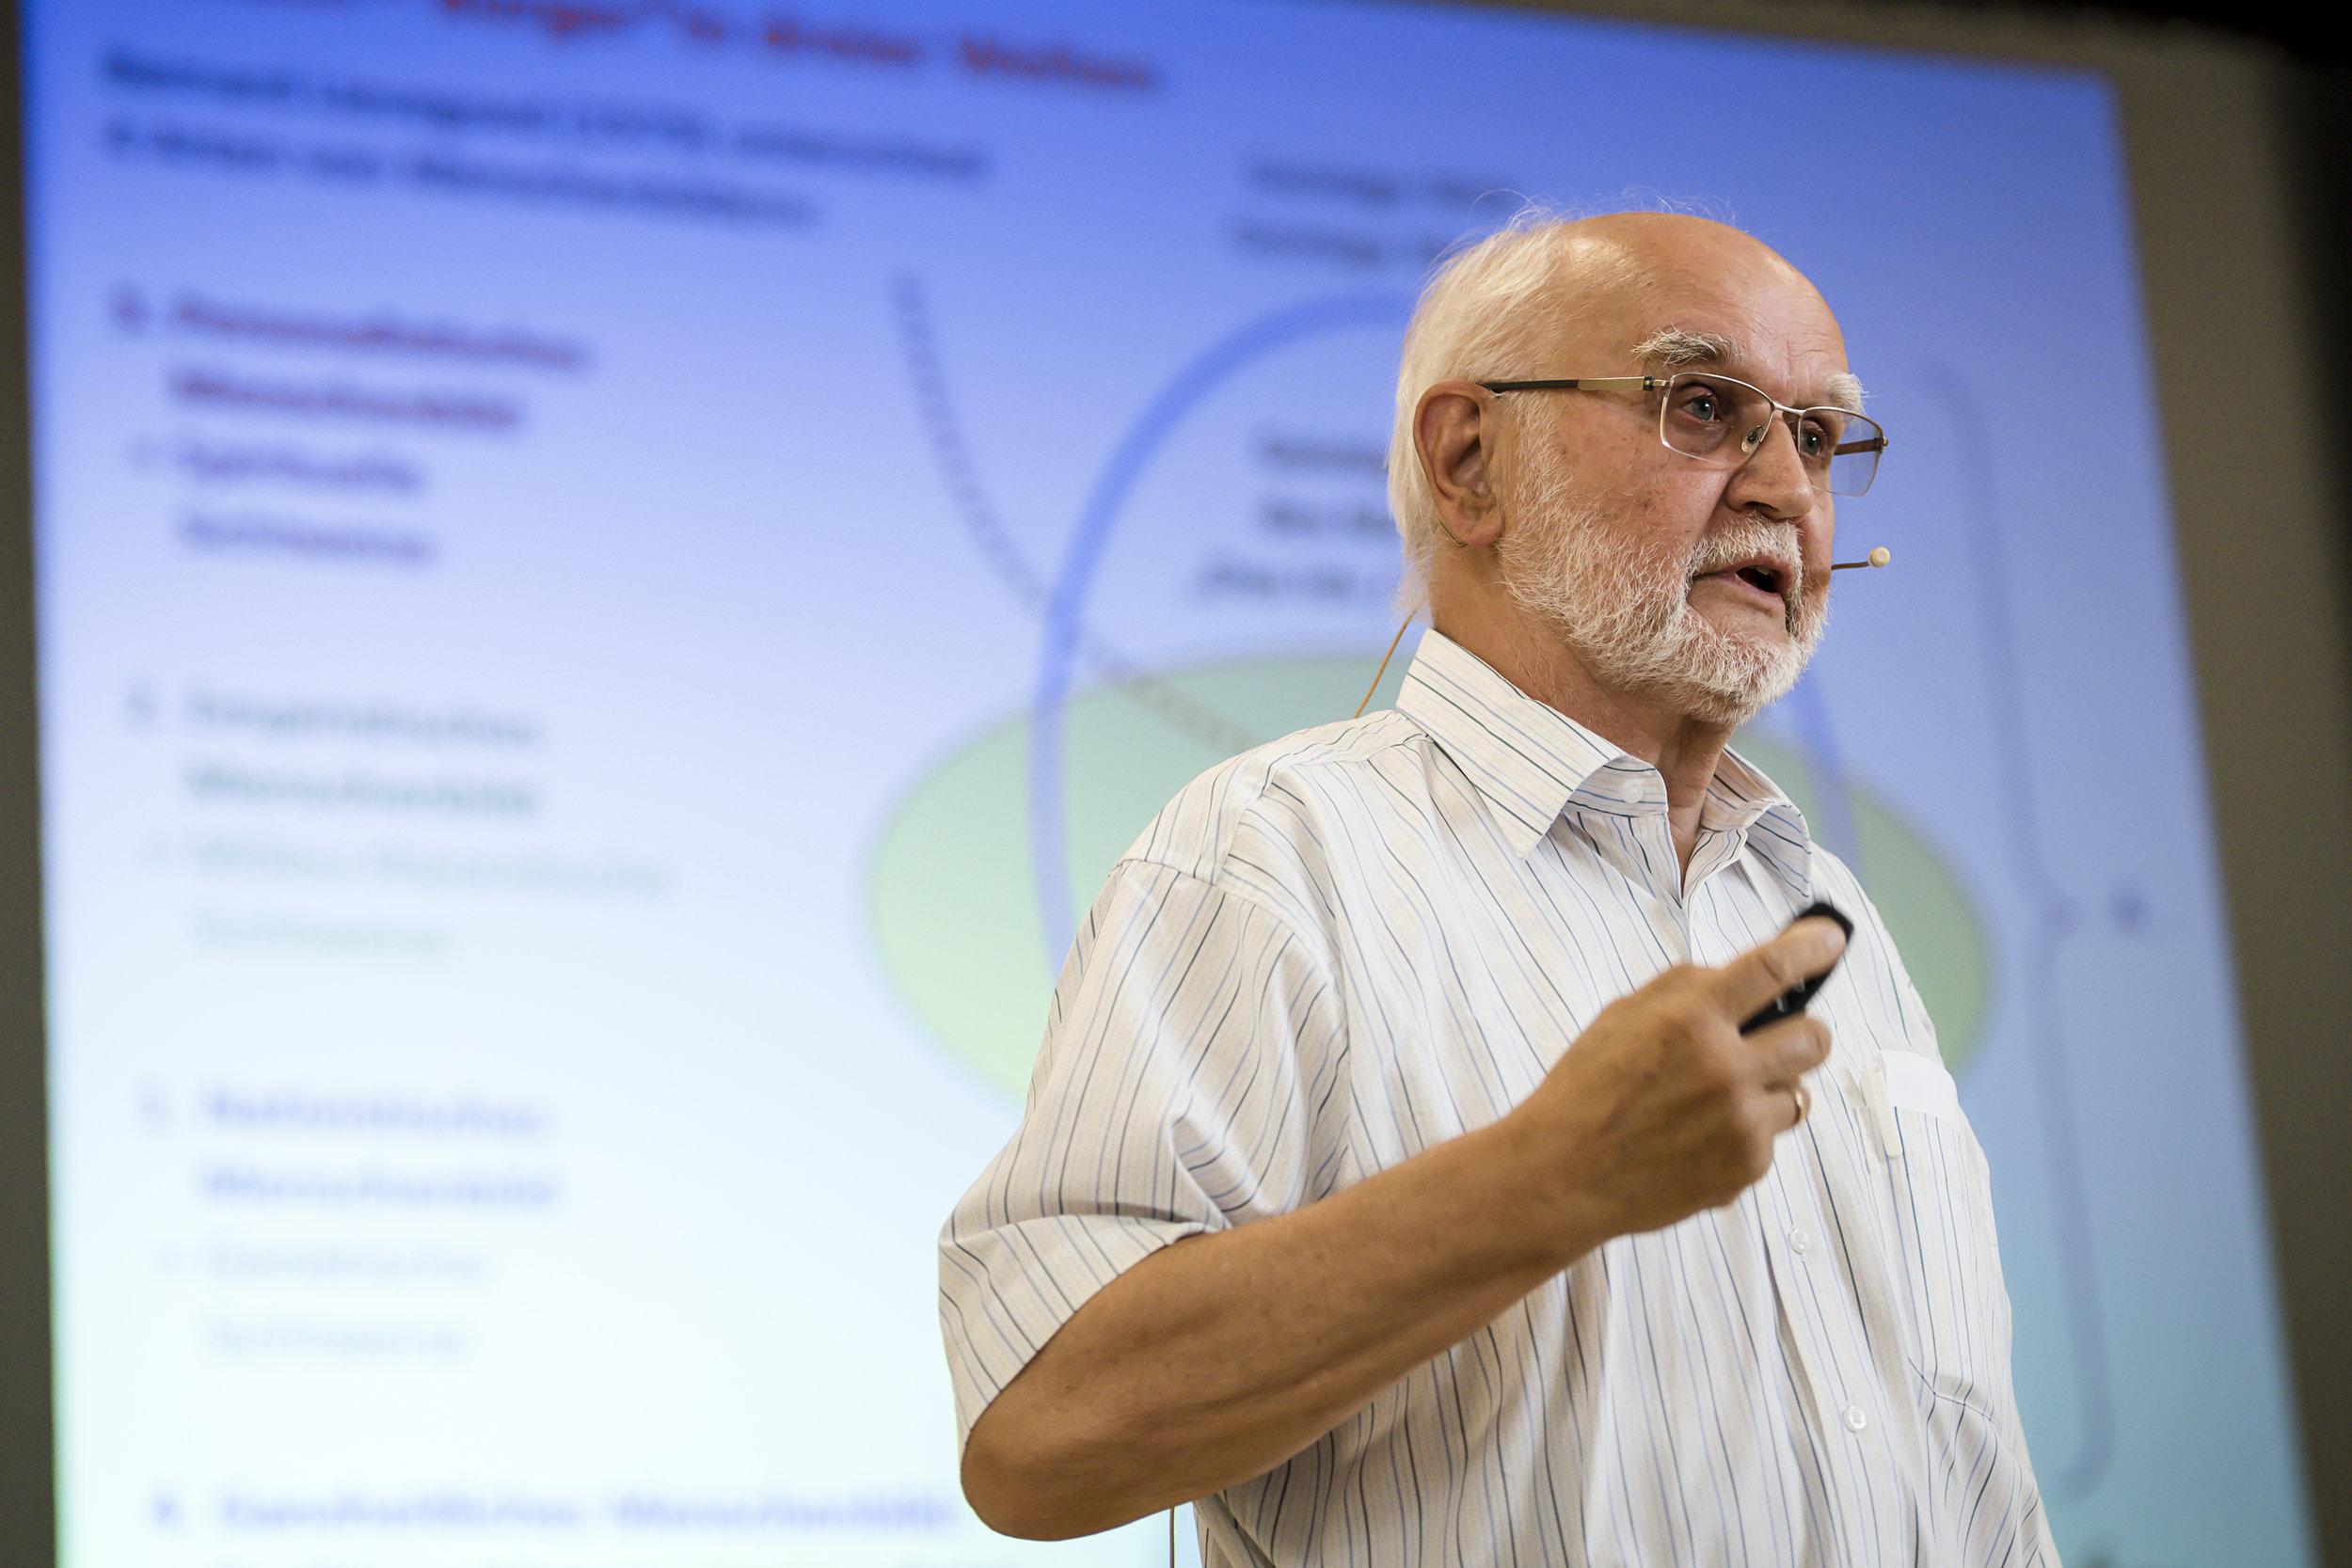 Prof. Dr. Dr. h.c. Friedrich Glasl